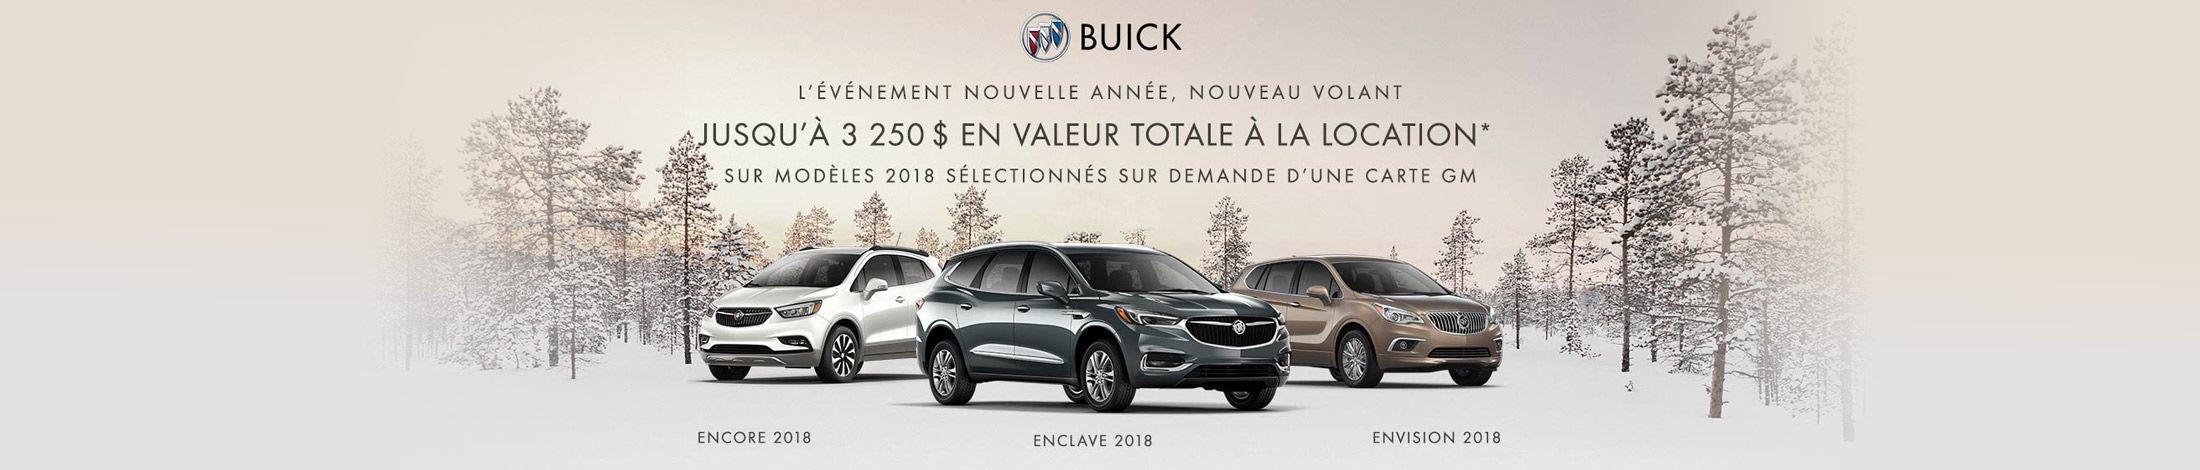 Buick du mois